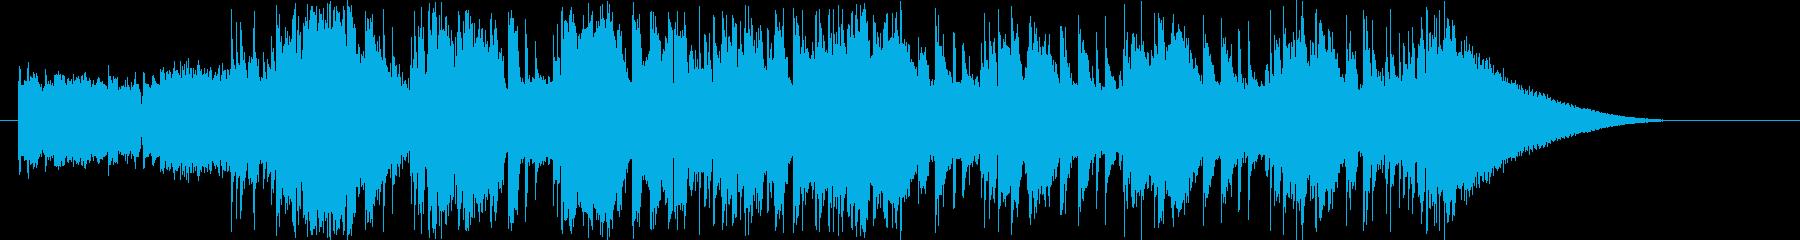 ジングル:サックスの旋律がカッコイイ曲の再生済みの波形